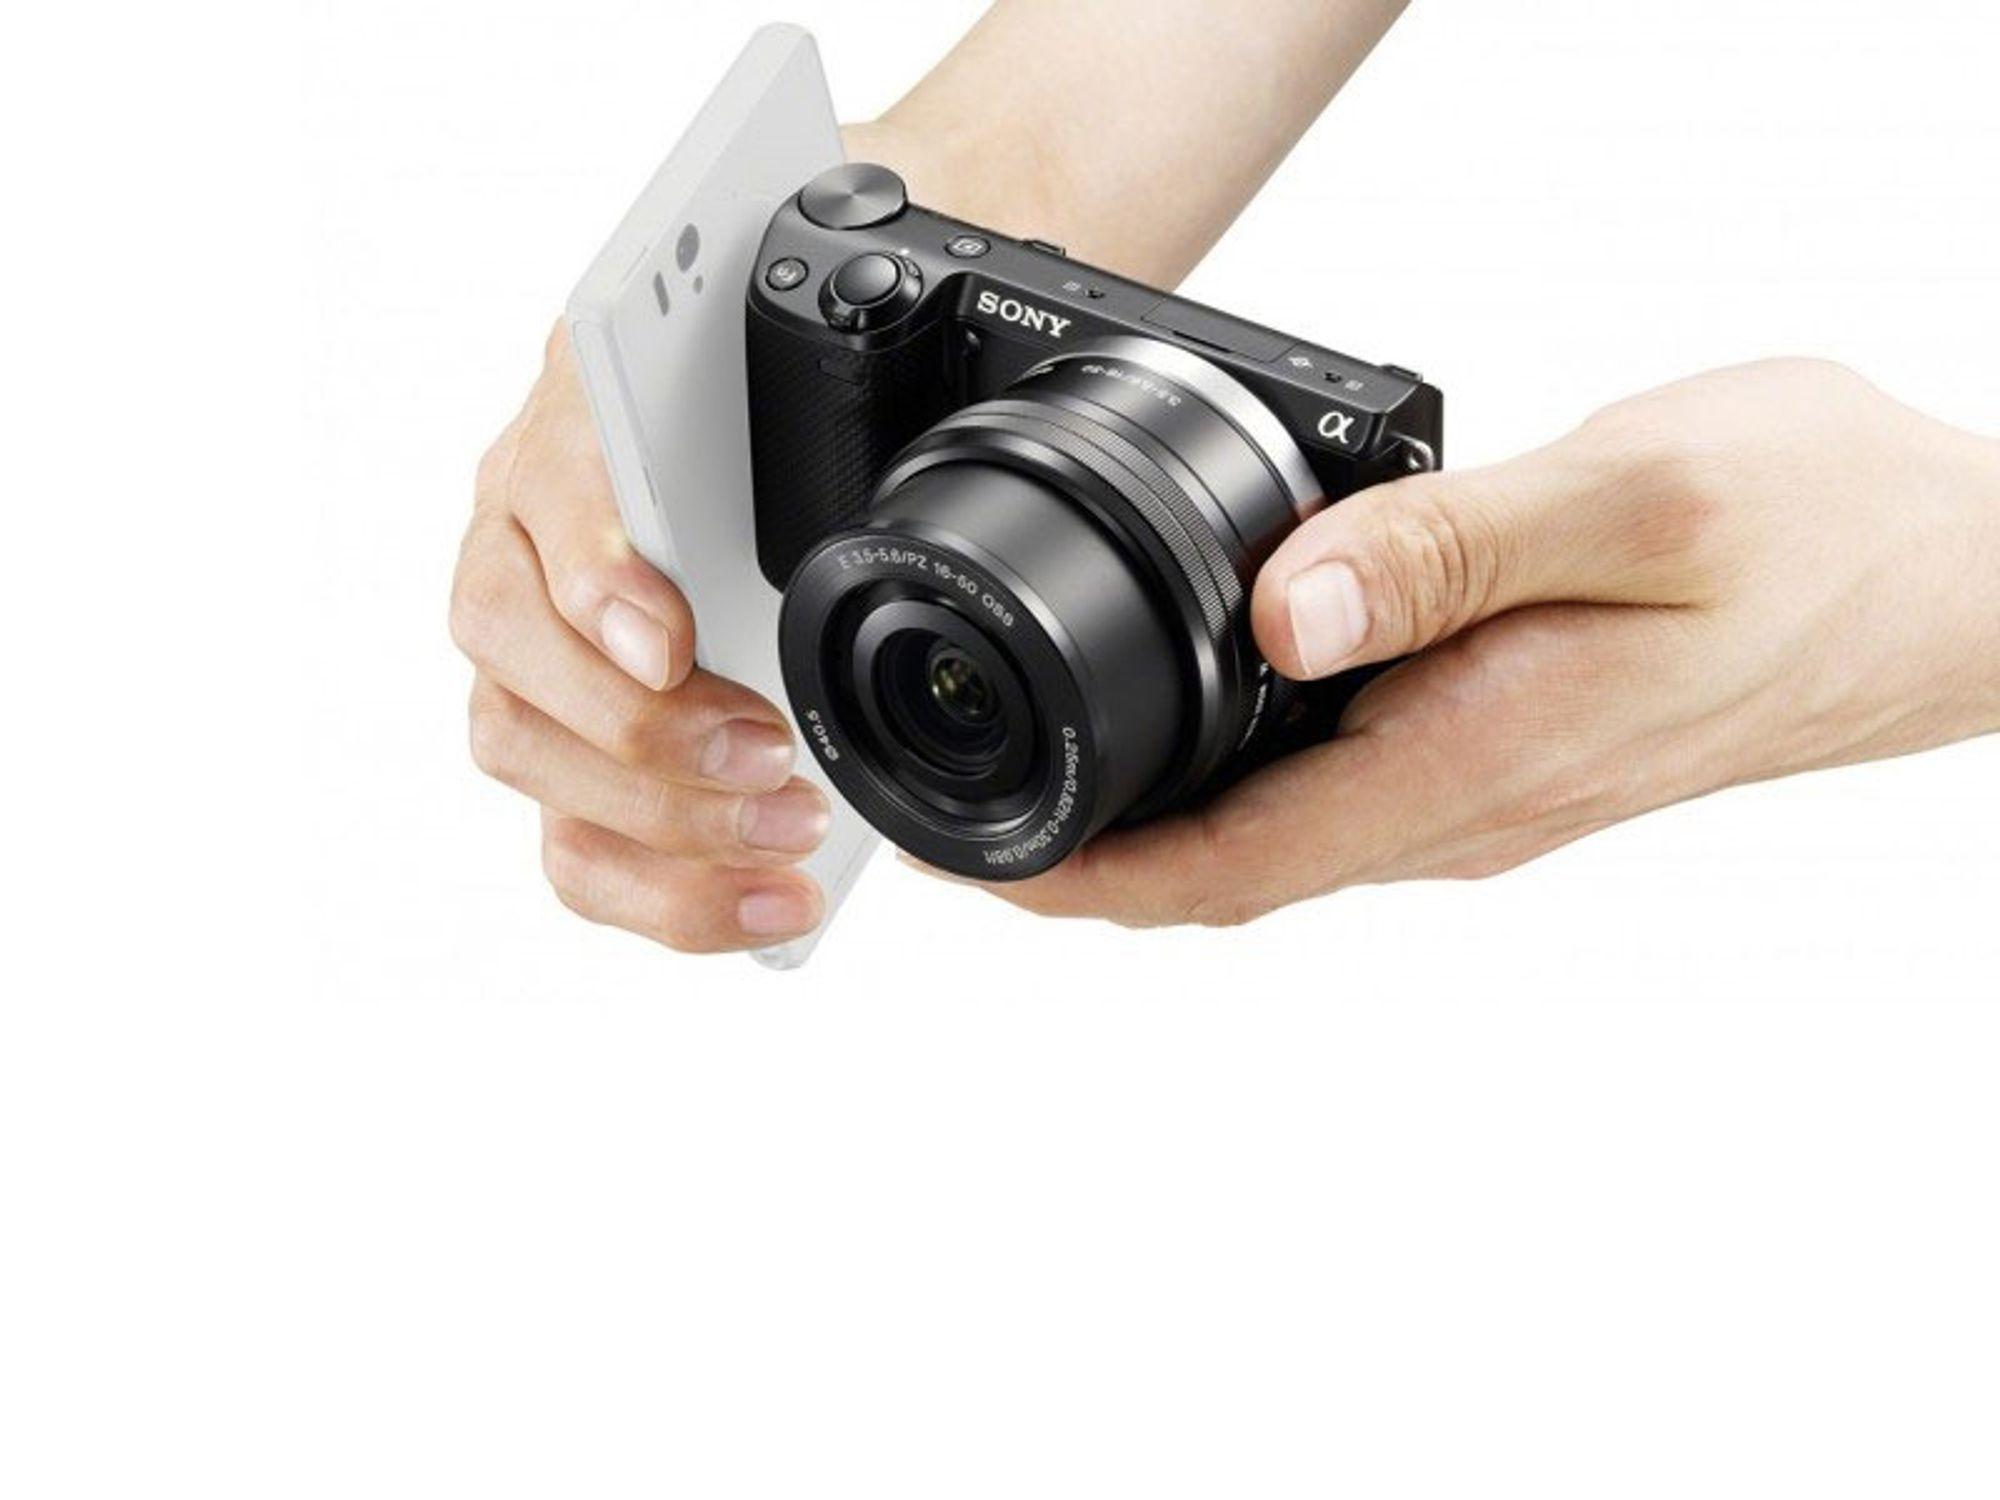 Disse kameraene gjør det enkelt å dele bilder